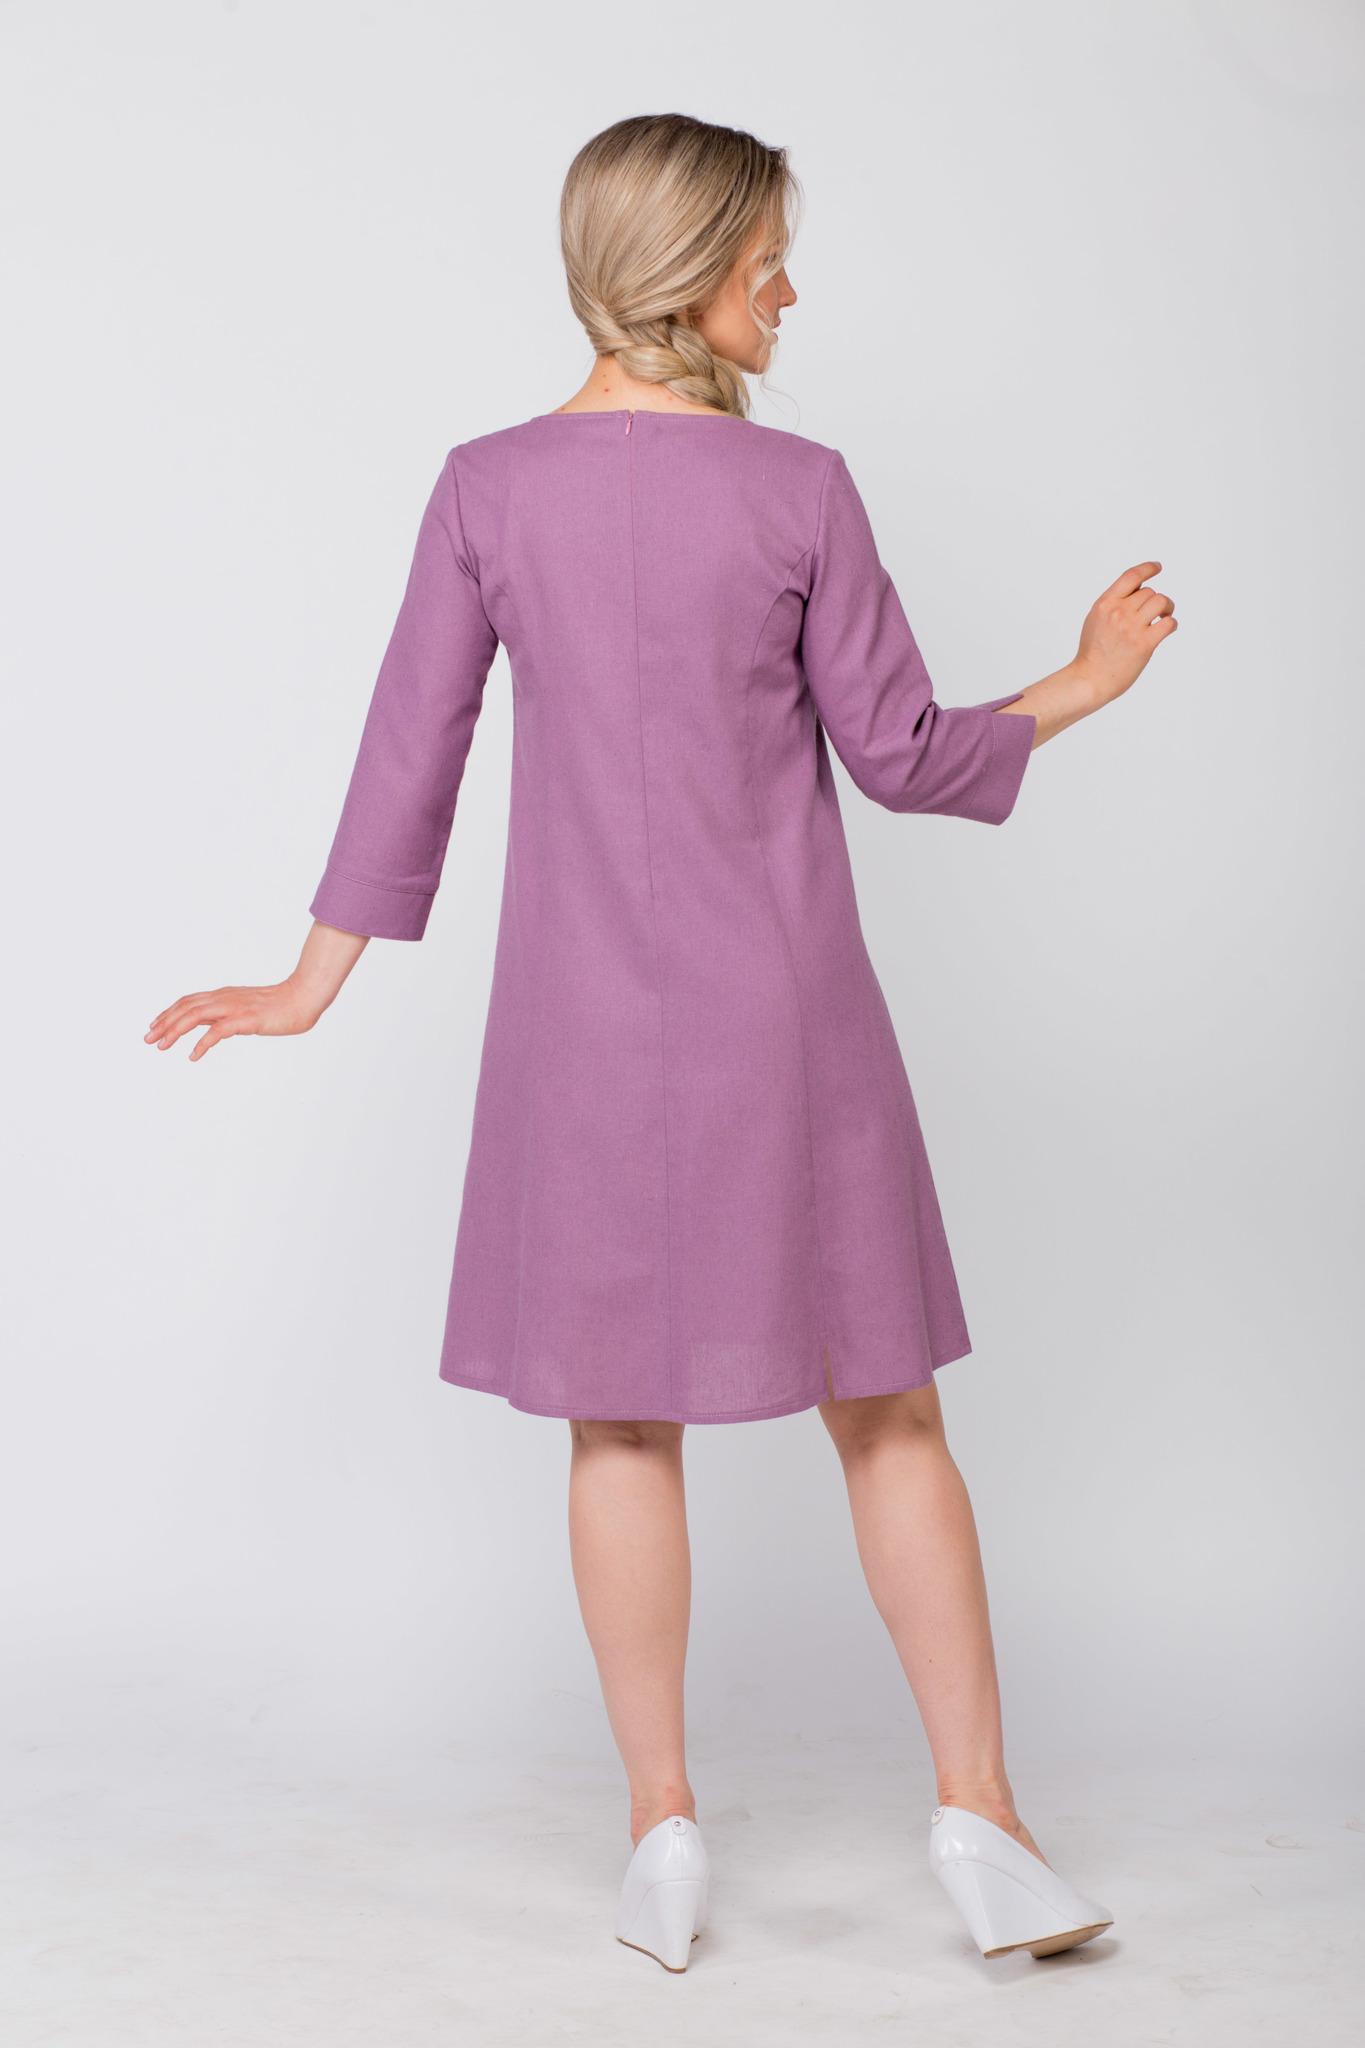 Платье льняное Лаванда вид сзади